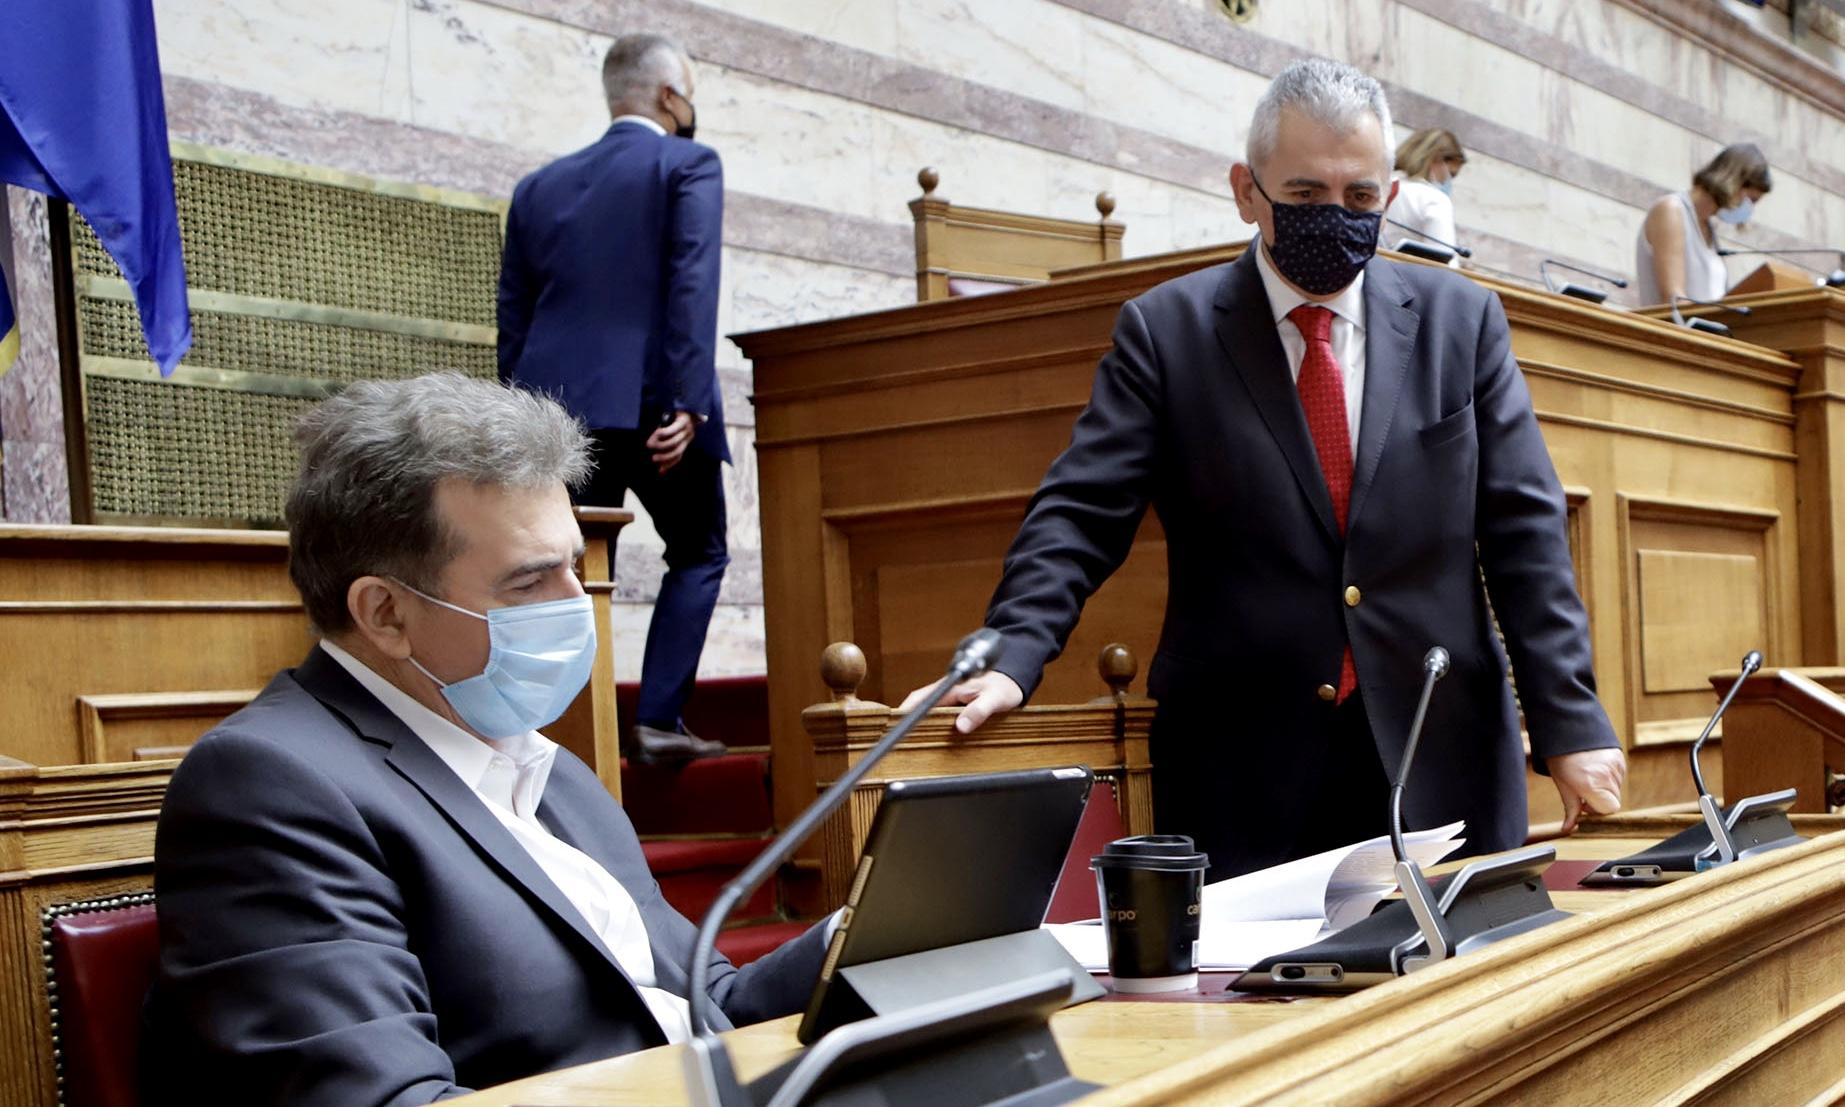 Χαρακόπουλος σε Χρυσοχοΐδη: Τιμητικό βαθμό και στους απόστρατους της ΕΛΑΣ